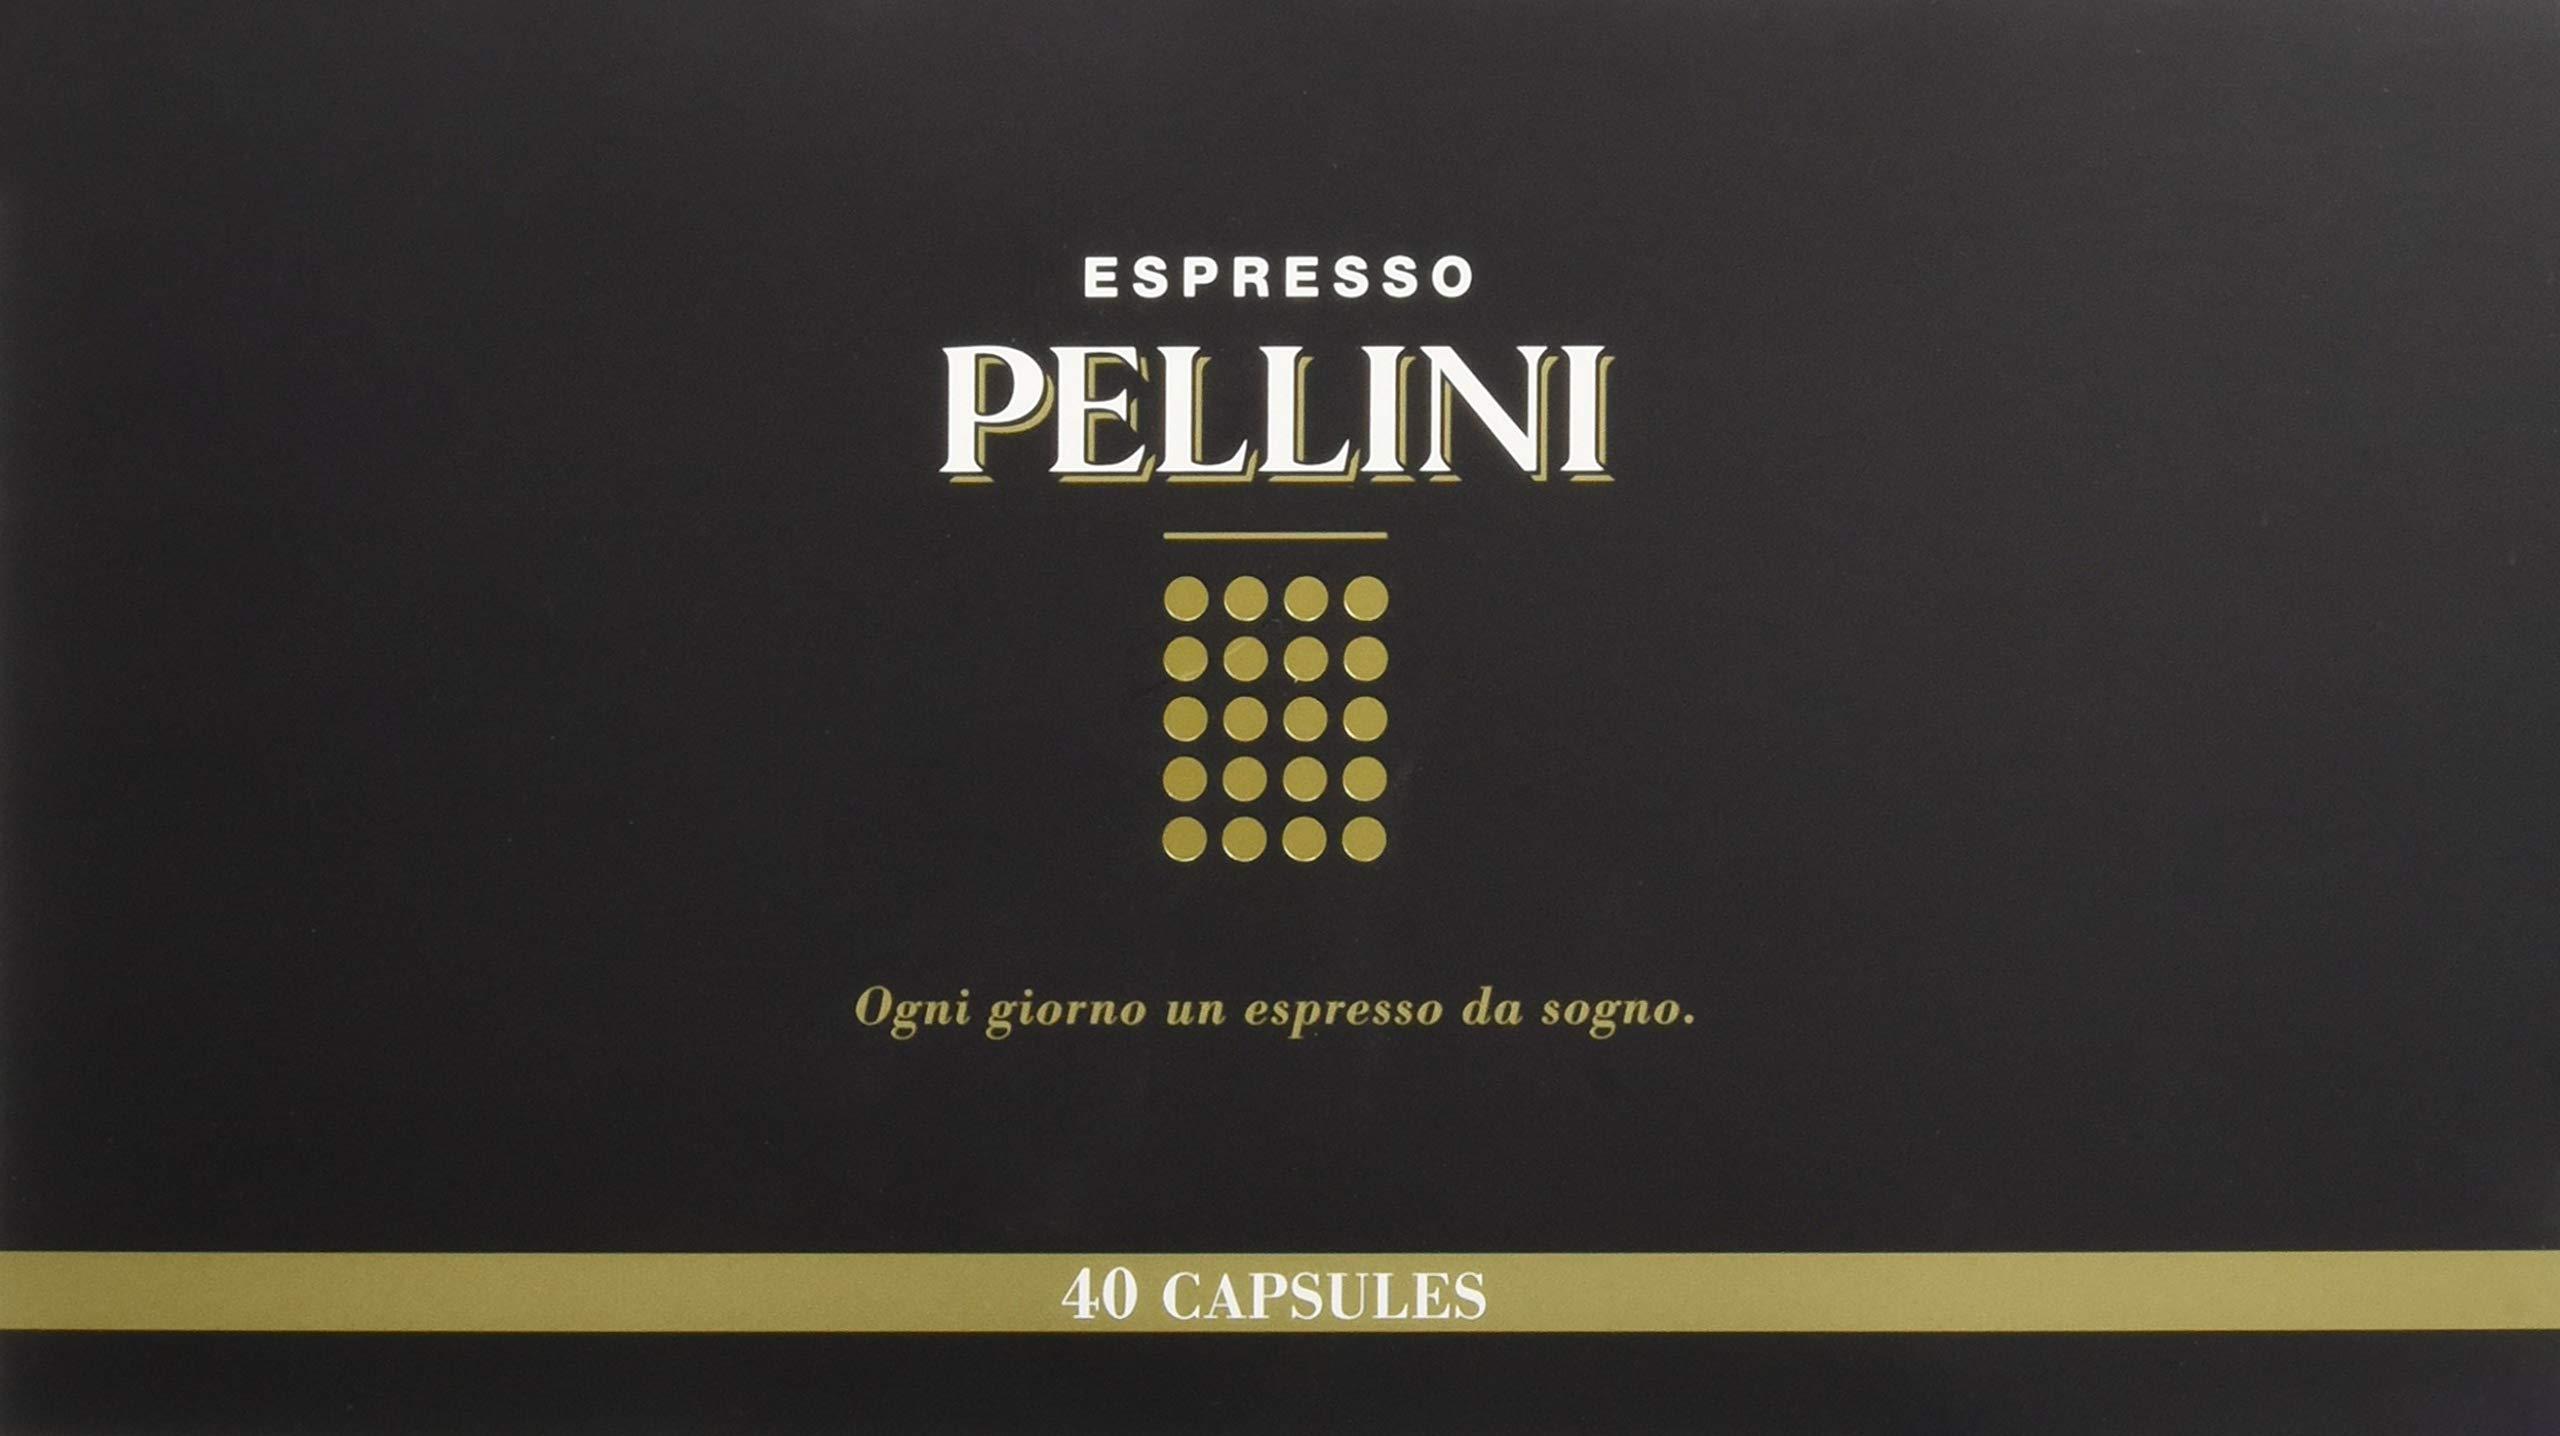 Pellini Caffè - Espresso Pellini Confezione Gift Box (mix multigusto da 40 Capsule), Livello di tostatura Medio… 1 spesavip